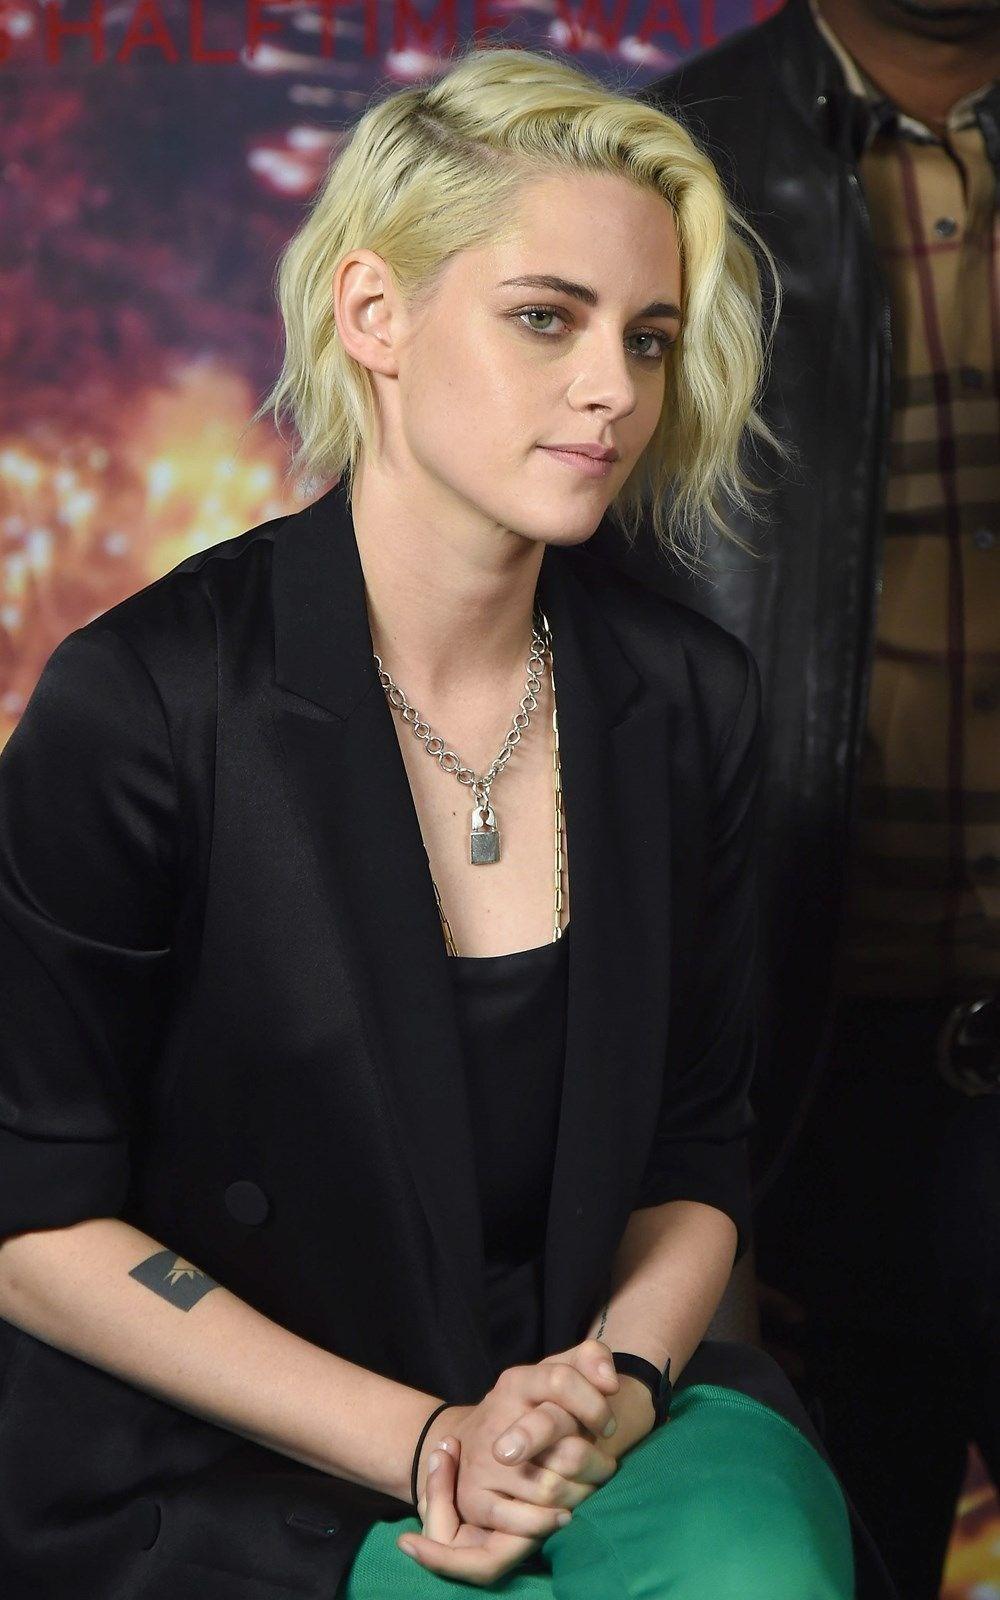 Kristen Stewart: Prenses Diana olabilir miyim, anlamaya çalışıyorum - 2